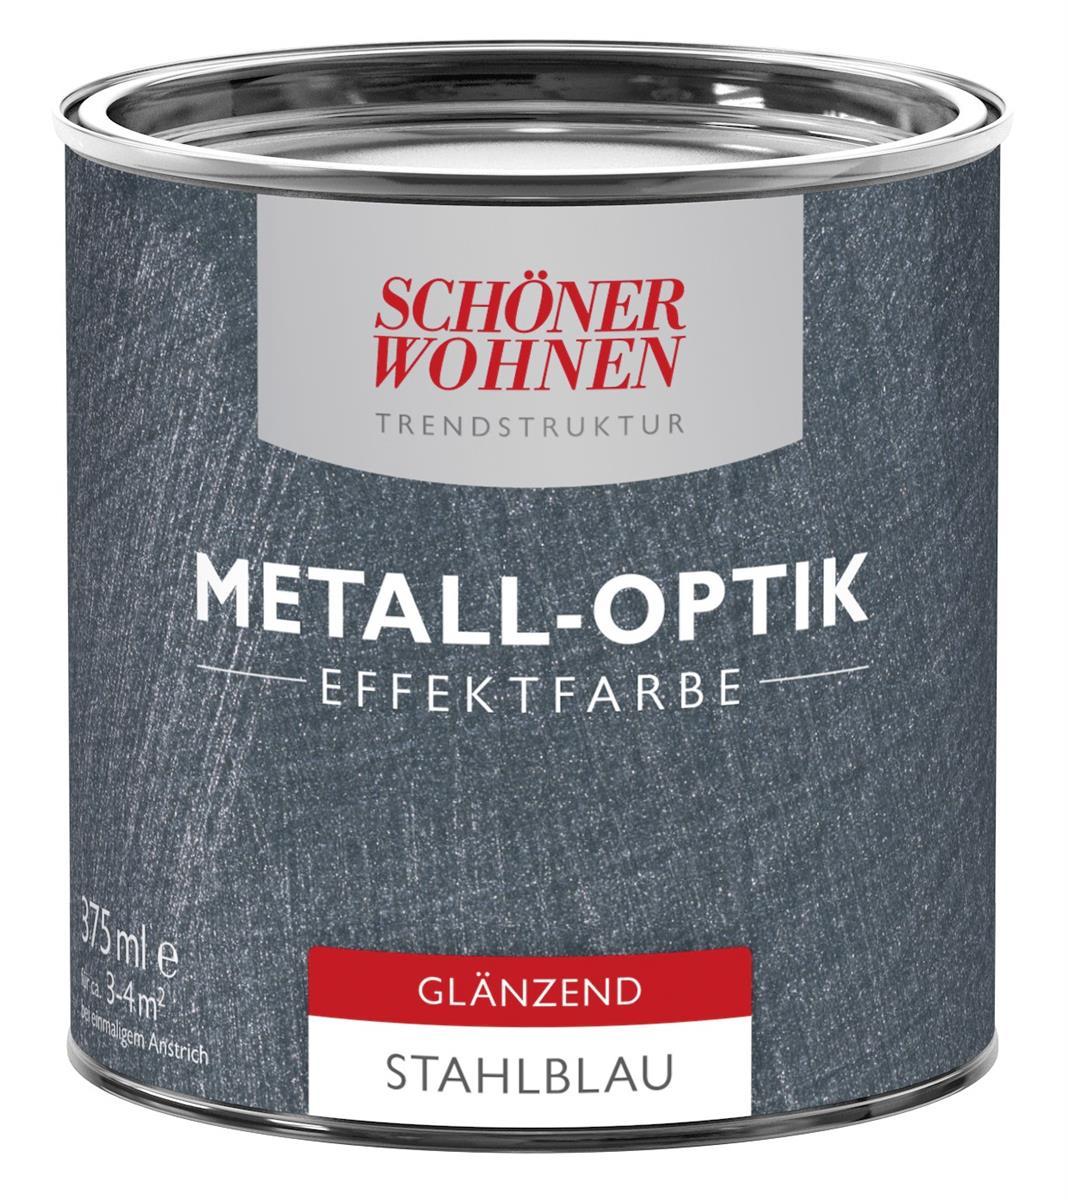 Schoner Wohnen Trendstruktur Effektfarbe Metall Optik Wunschfarbton Silber Glanzend 1 L